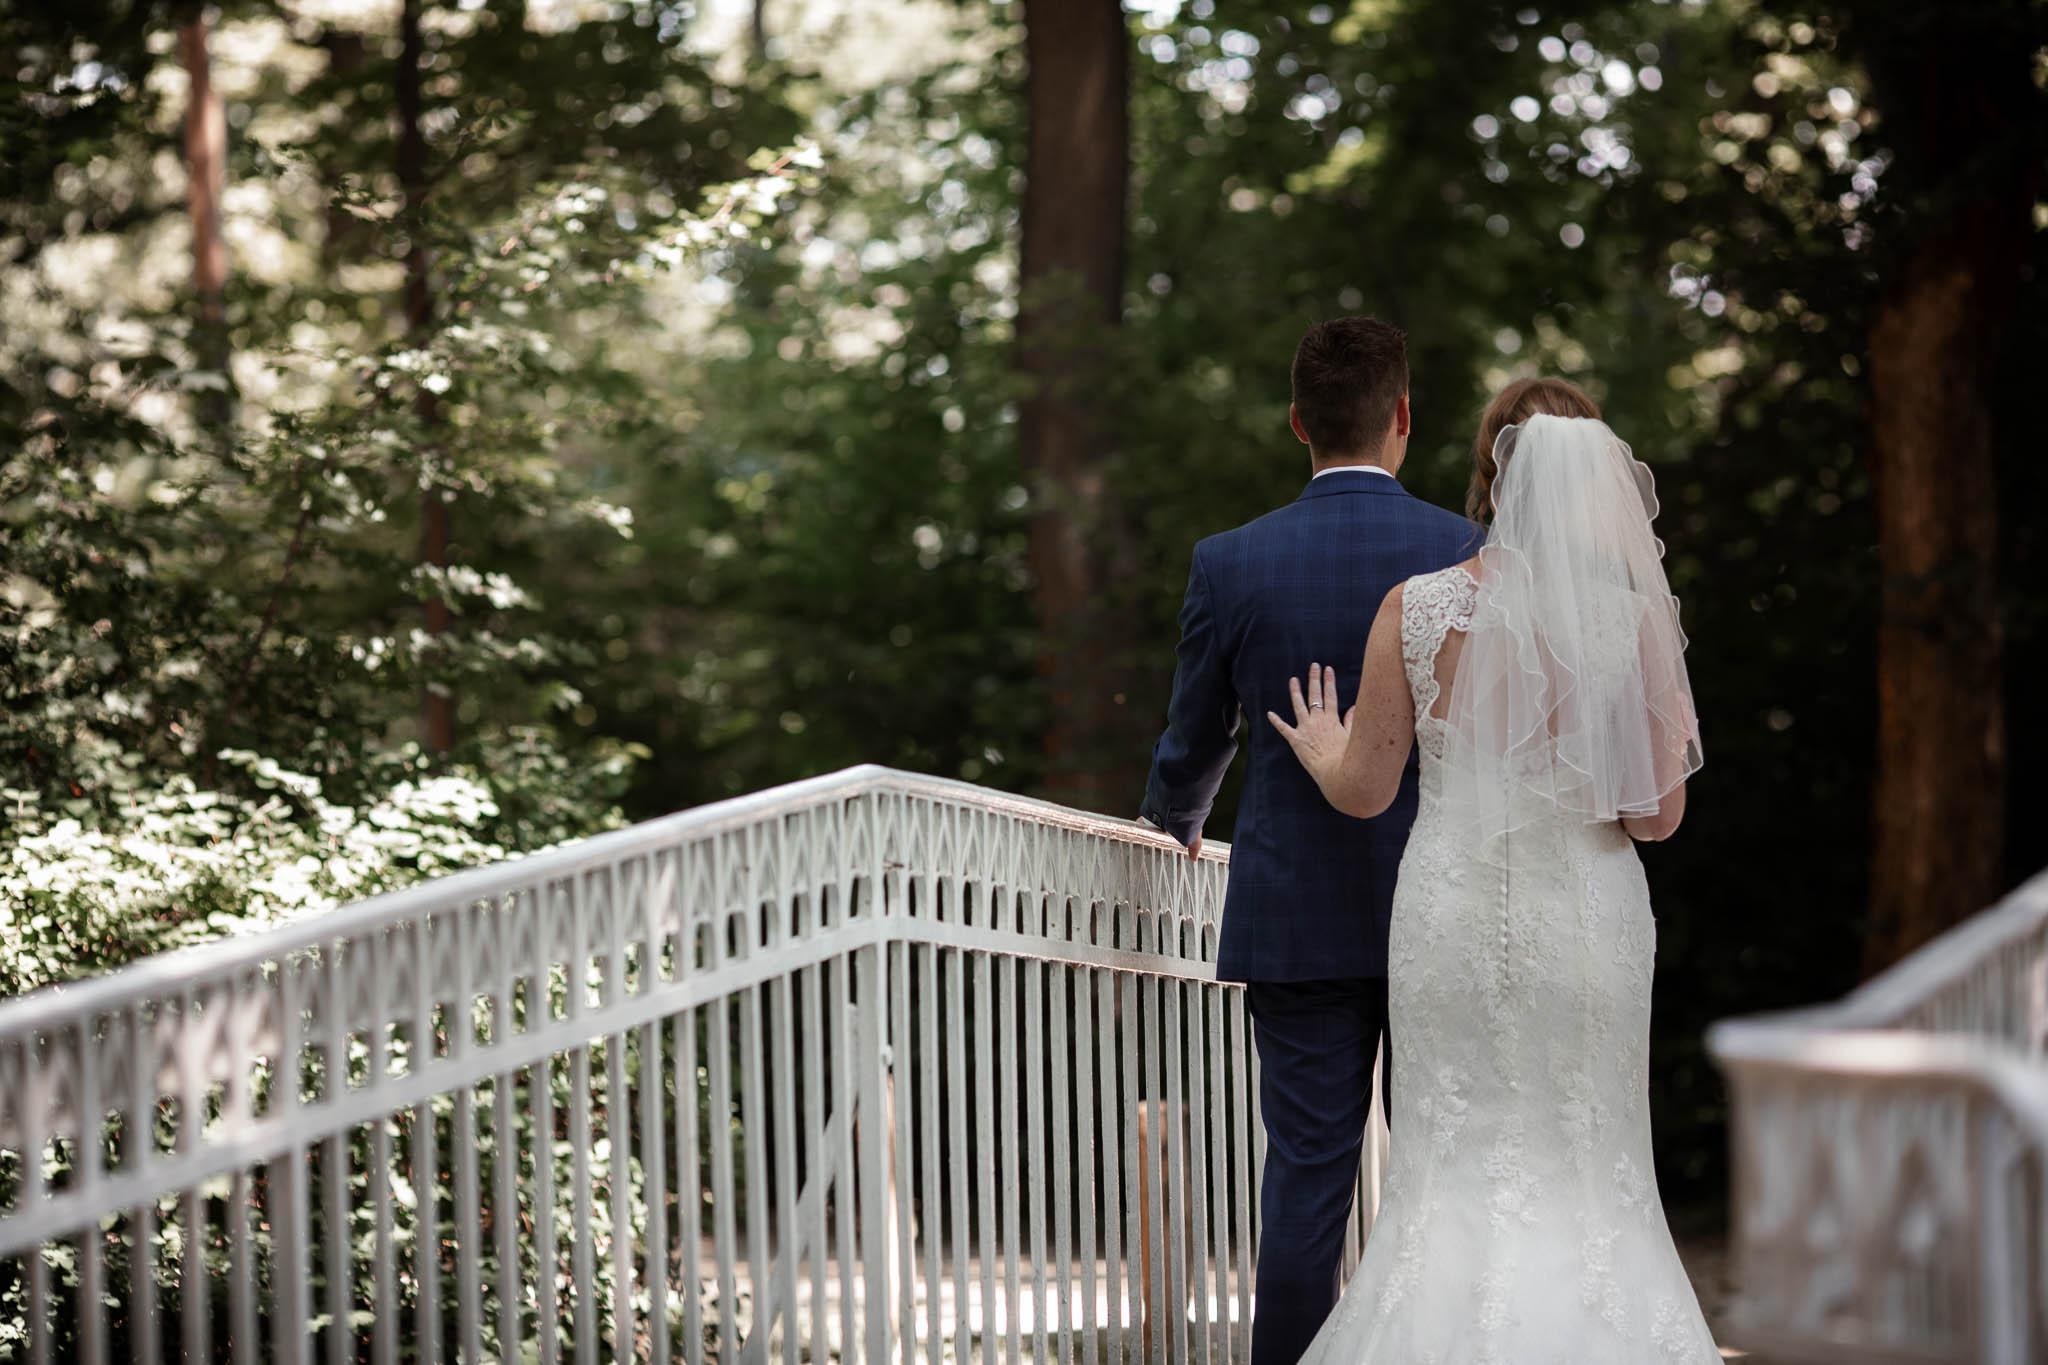 Hochzeitsfotograf Gundheim 7